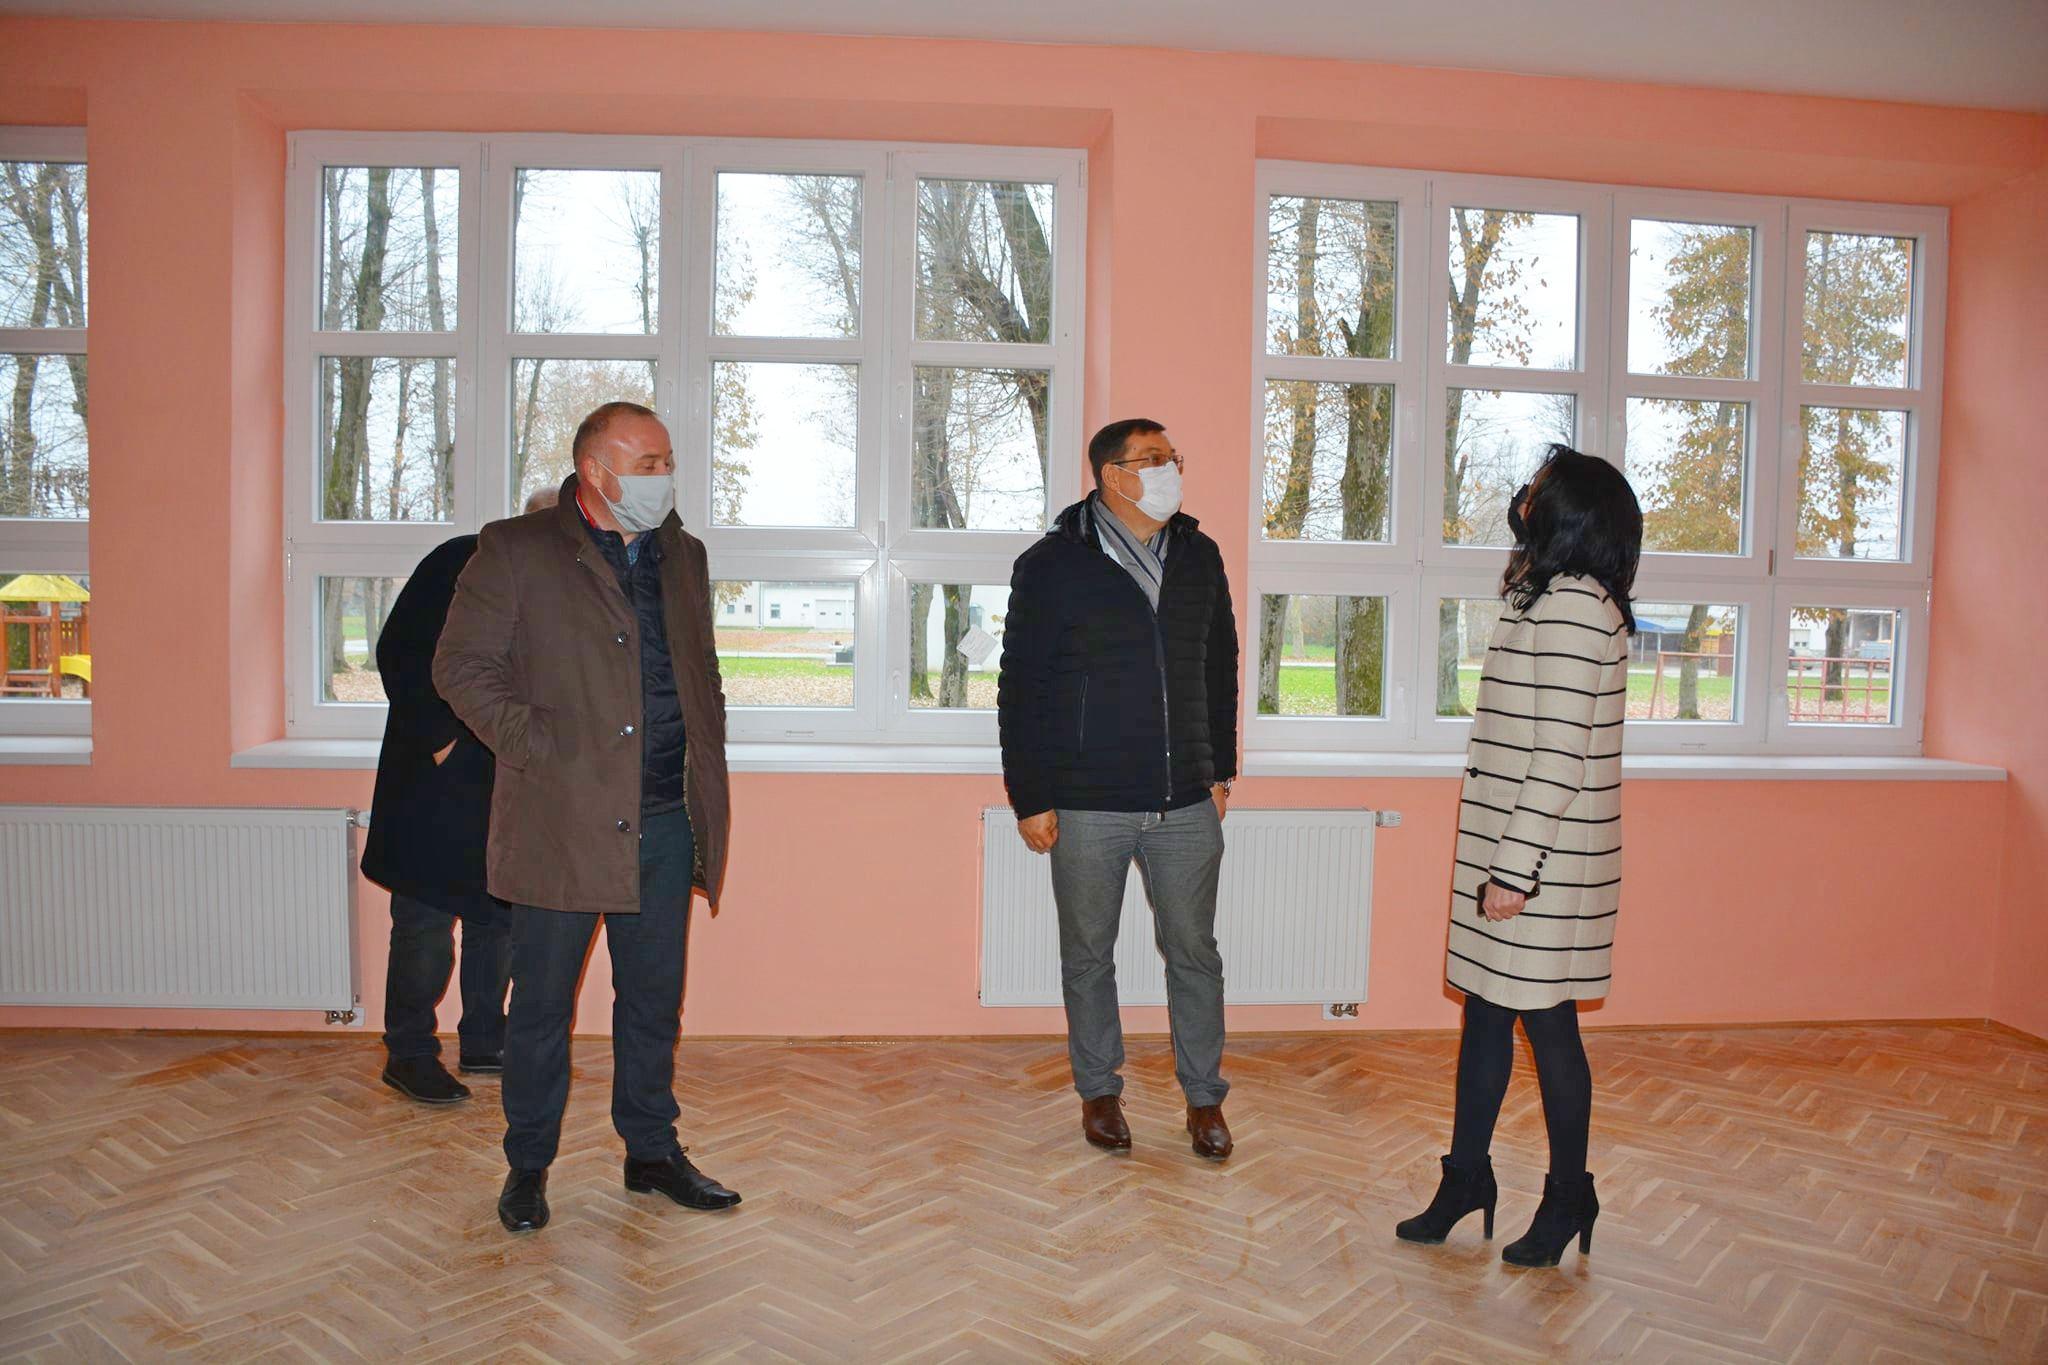 Pri kraju je obnova Područne škole Ivanovo Selo - Župan Bajs obišao završne radove